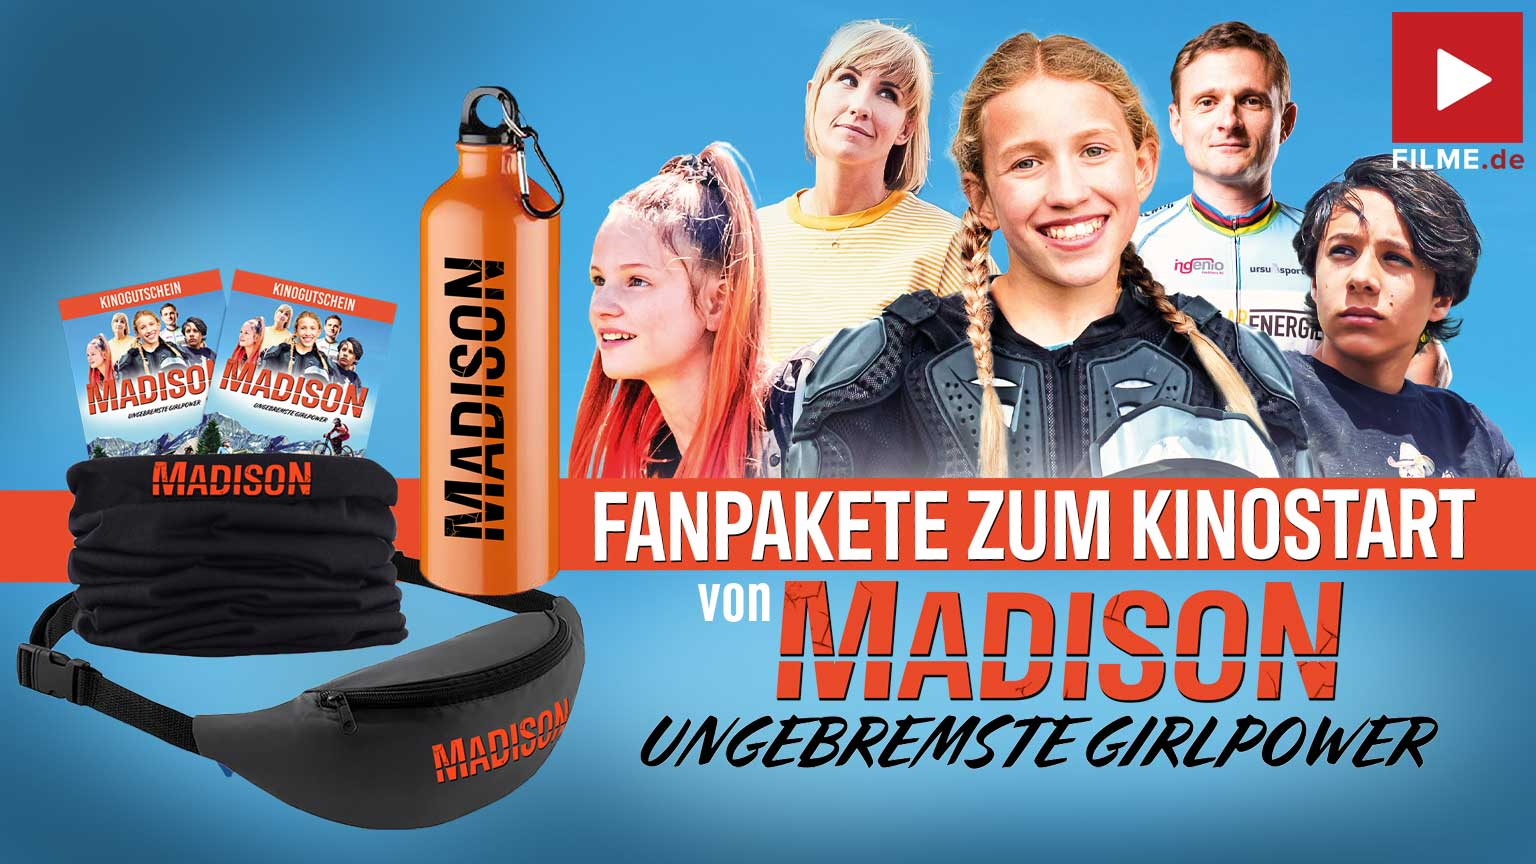 MADISON - Ungebremste Girlpower Film 2021 Gewinnspiel gewinnen Kinotickets Fanpaket Artikelbild